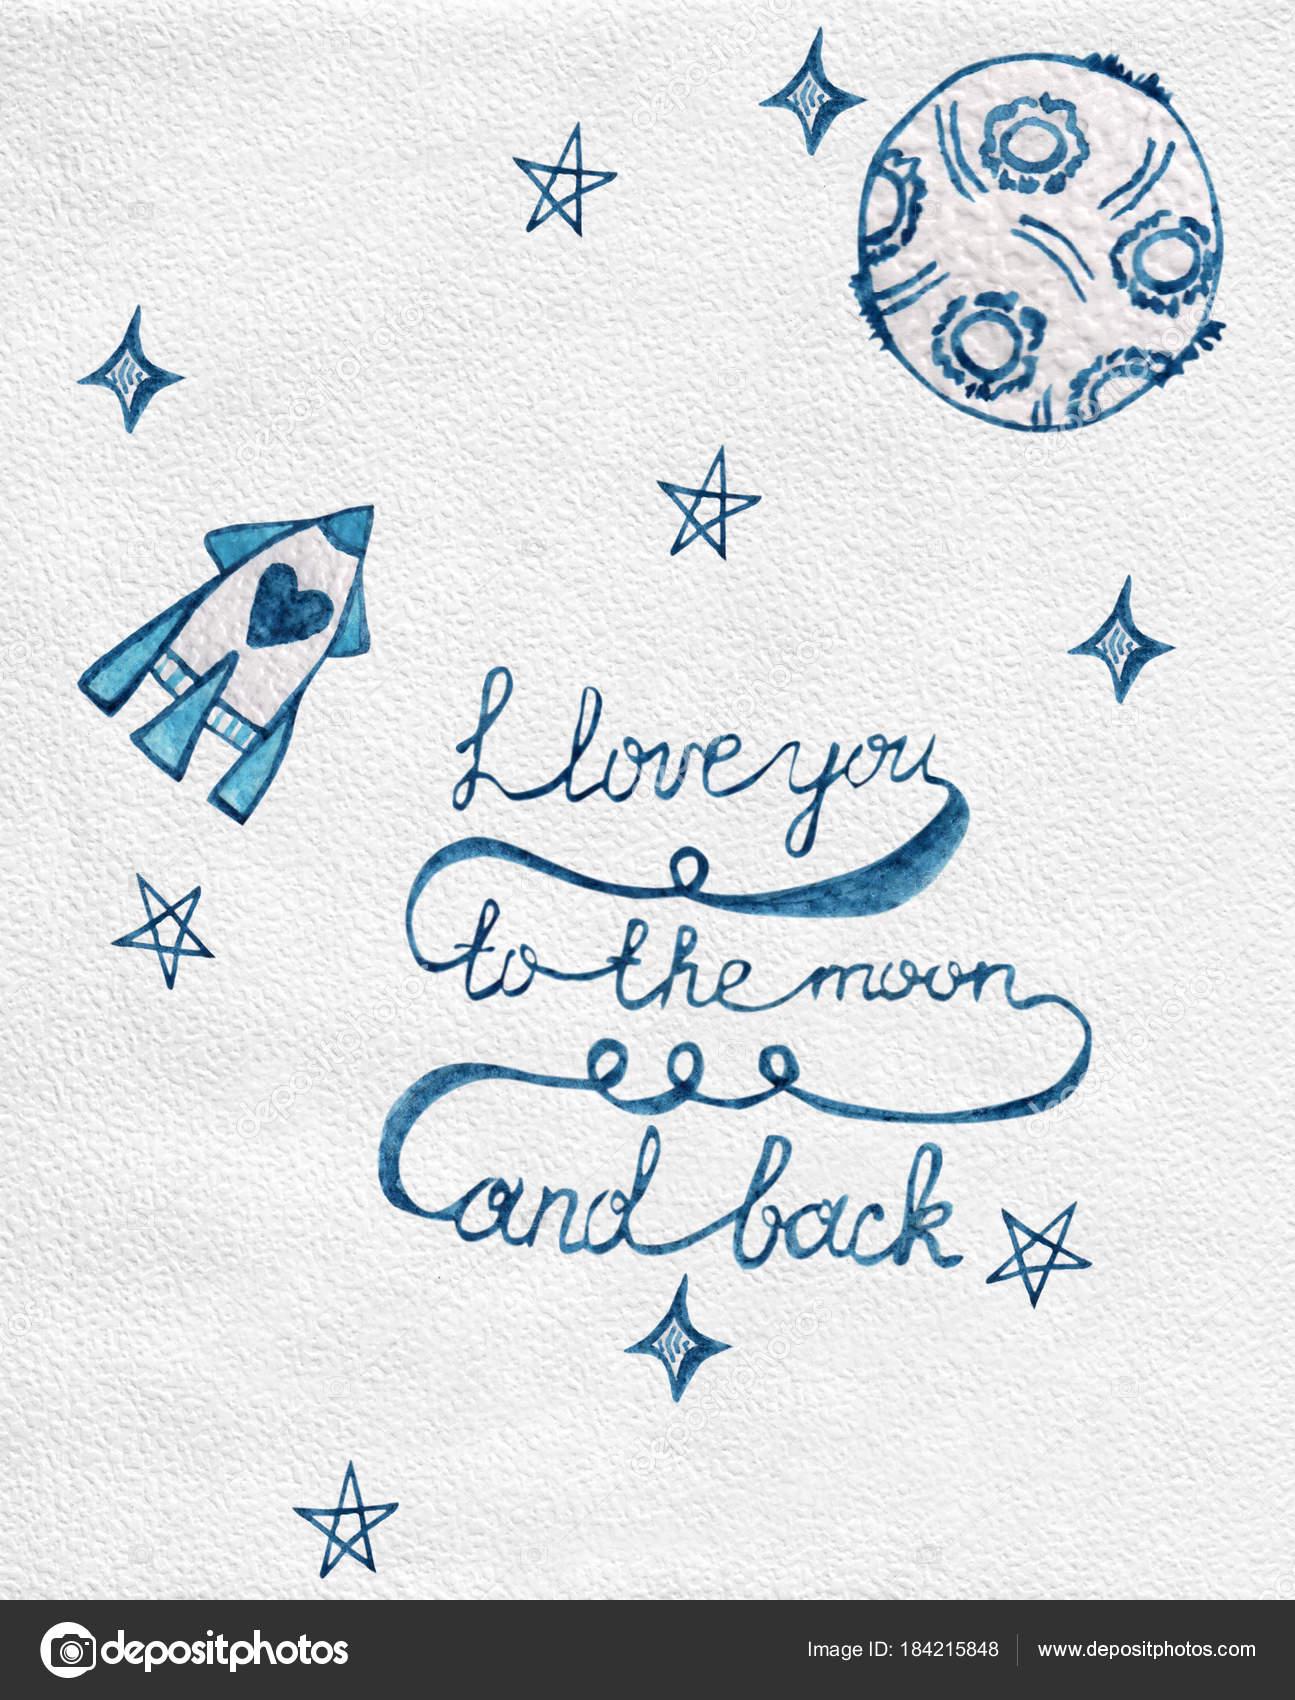 Unglaublich Ich Liebe Dich Bis Zum Mond Referenz Von Und Zurück Zitat Mit — Stockfoto